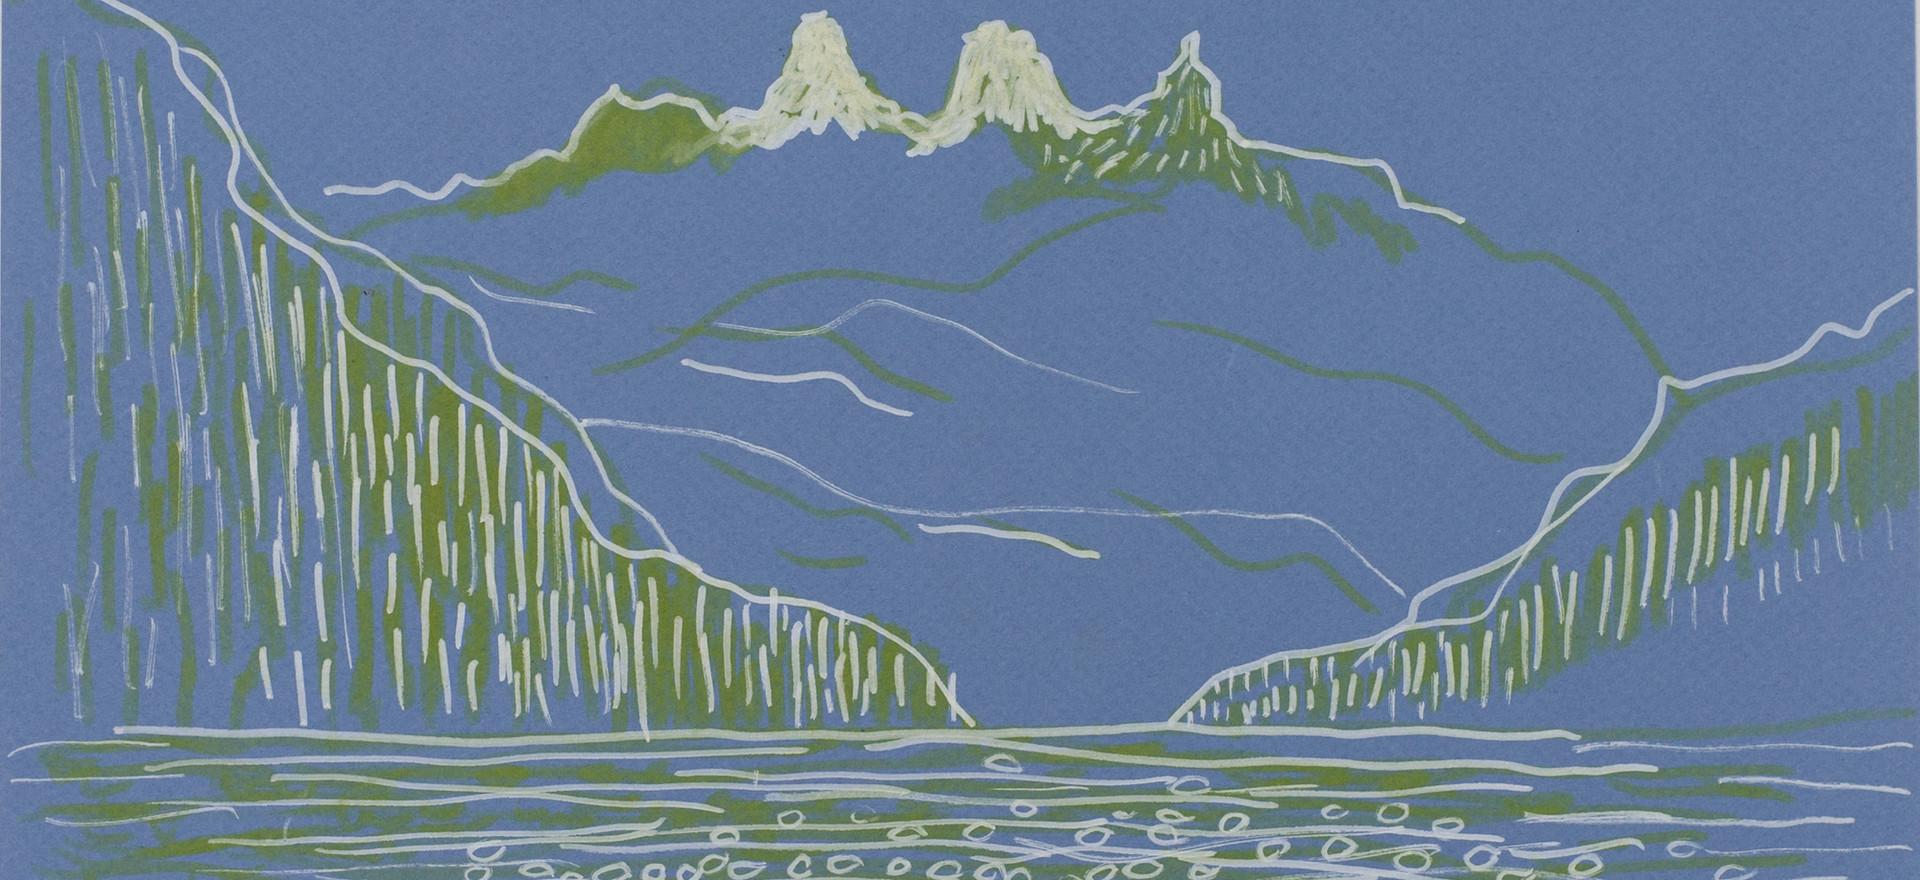 Lago Puelo, 2018, ink on paper, 24 x 32 cm.